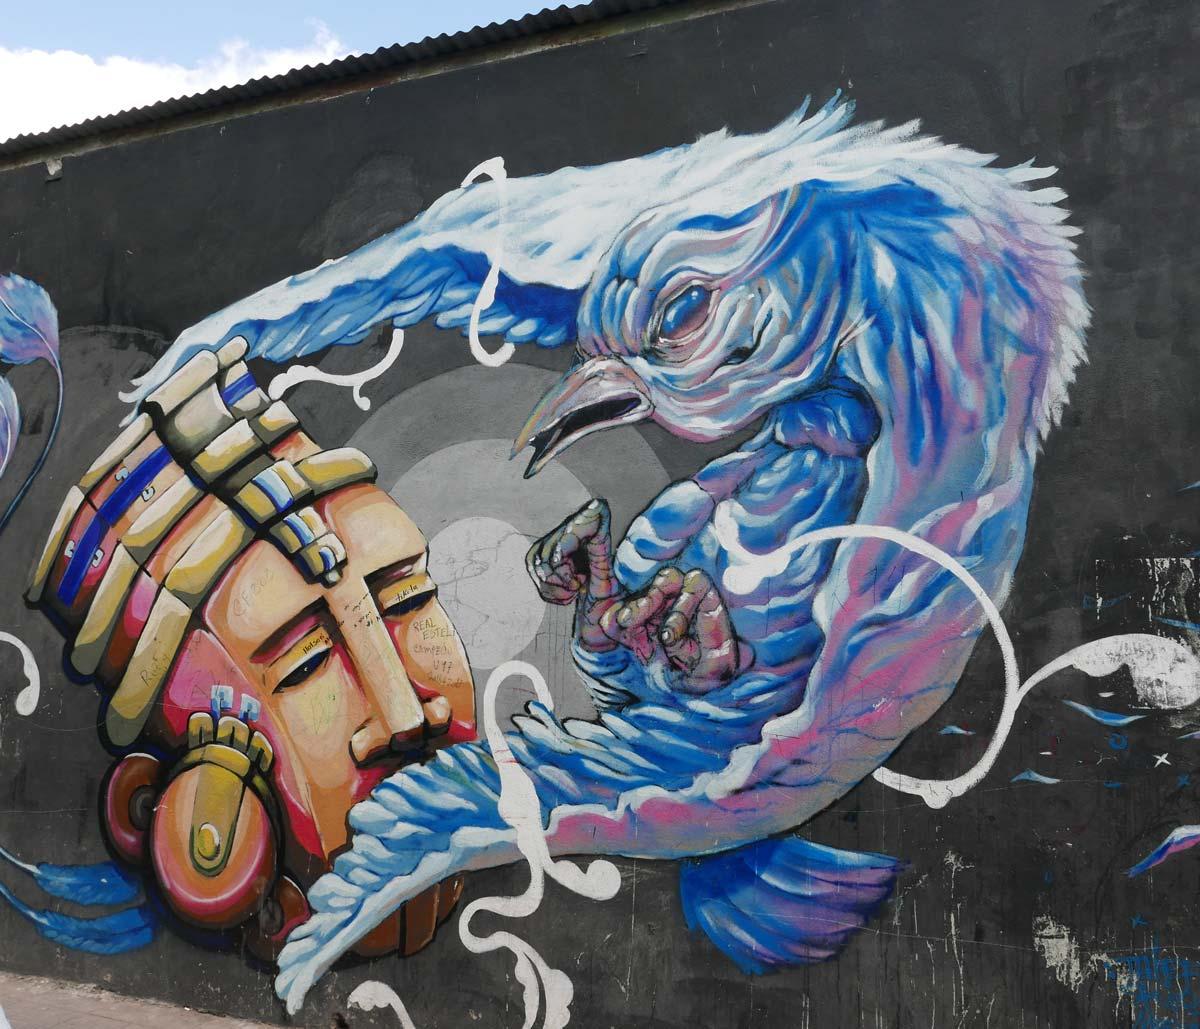 Graffiti of amulet and bird in Esteli, Nicaragua